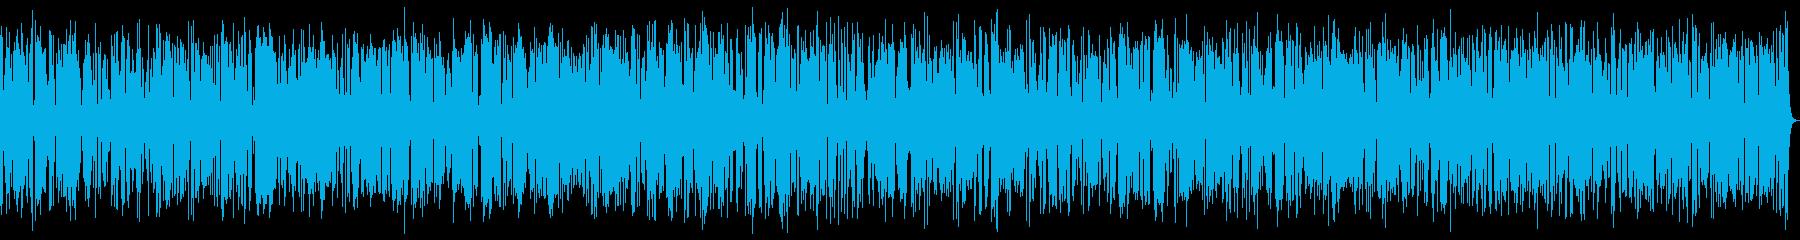 17分のかっこいいおしゃれジャズピアノの再生済みの波形